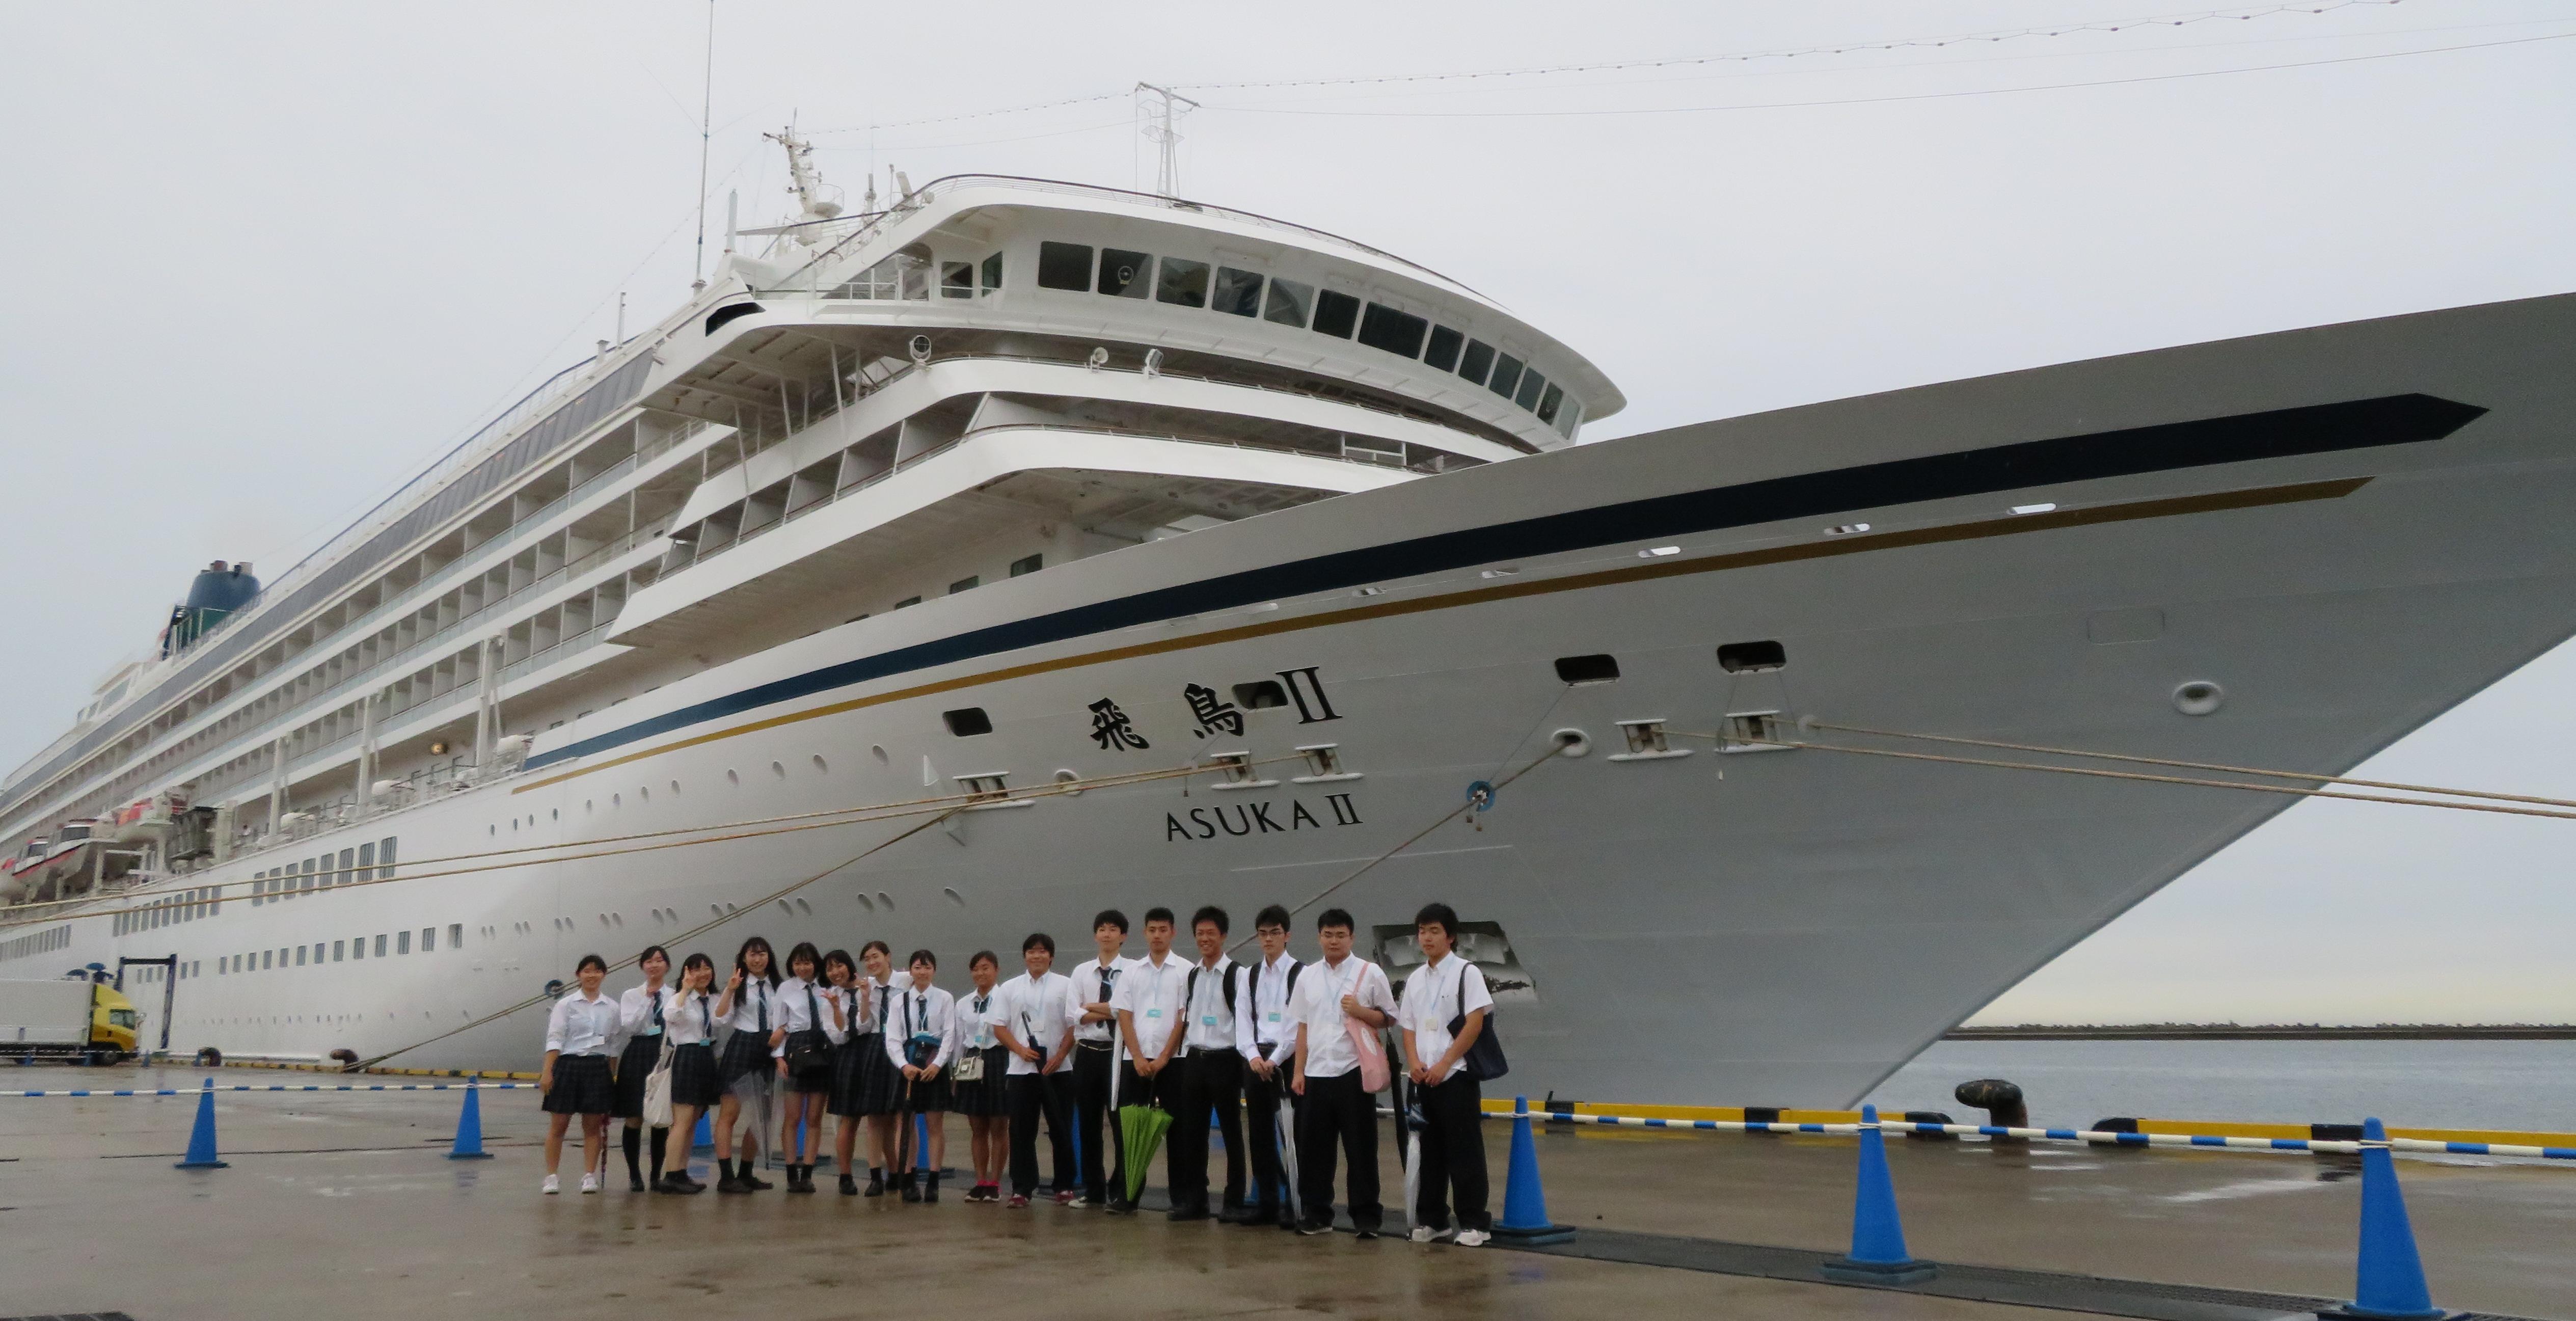 本校OB職場訪問:豪華客船「飛鳥Ⅱ」を見学しました。